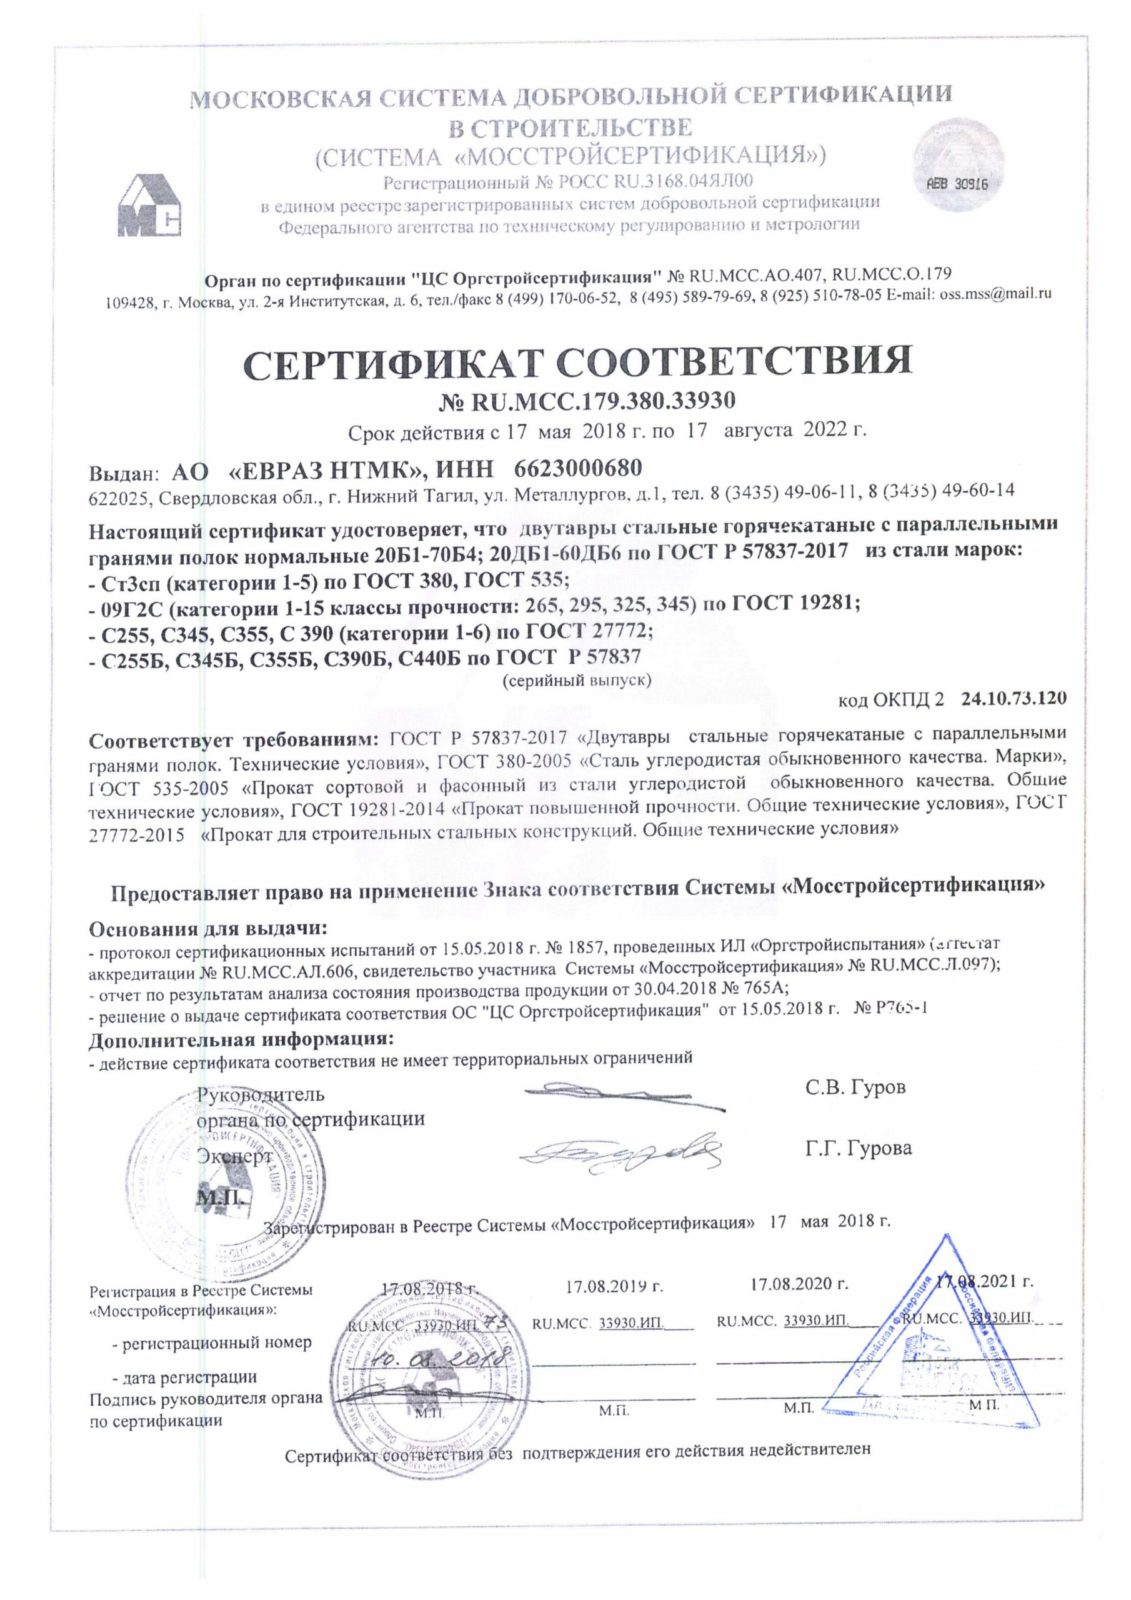 сертификат соответствия на балку двутаврувую 20Б1-70Б4